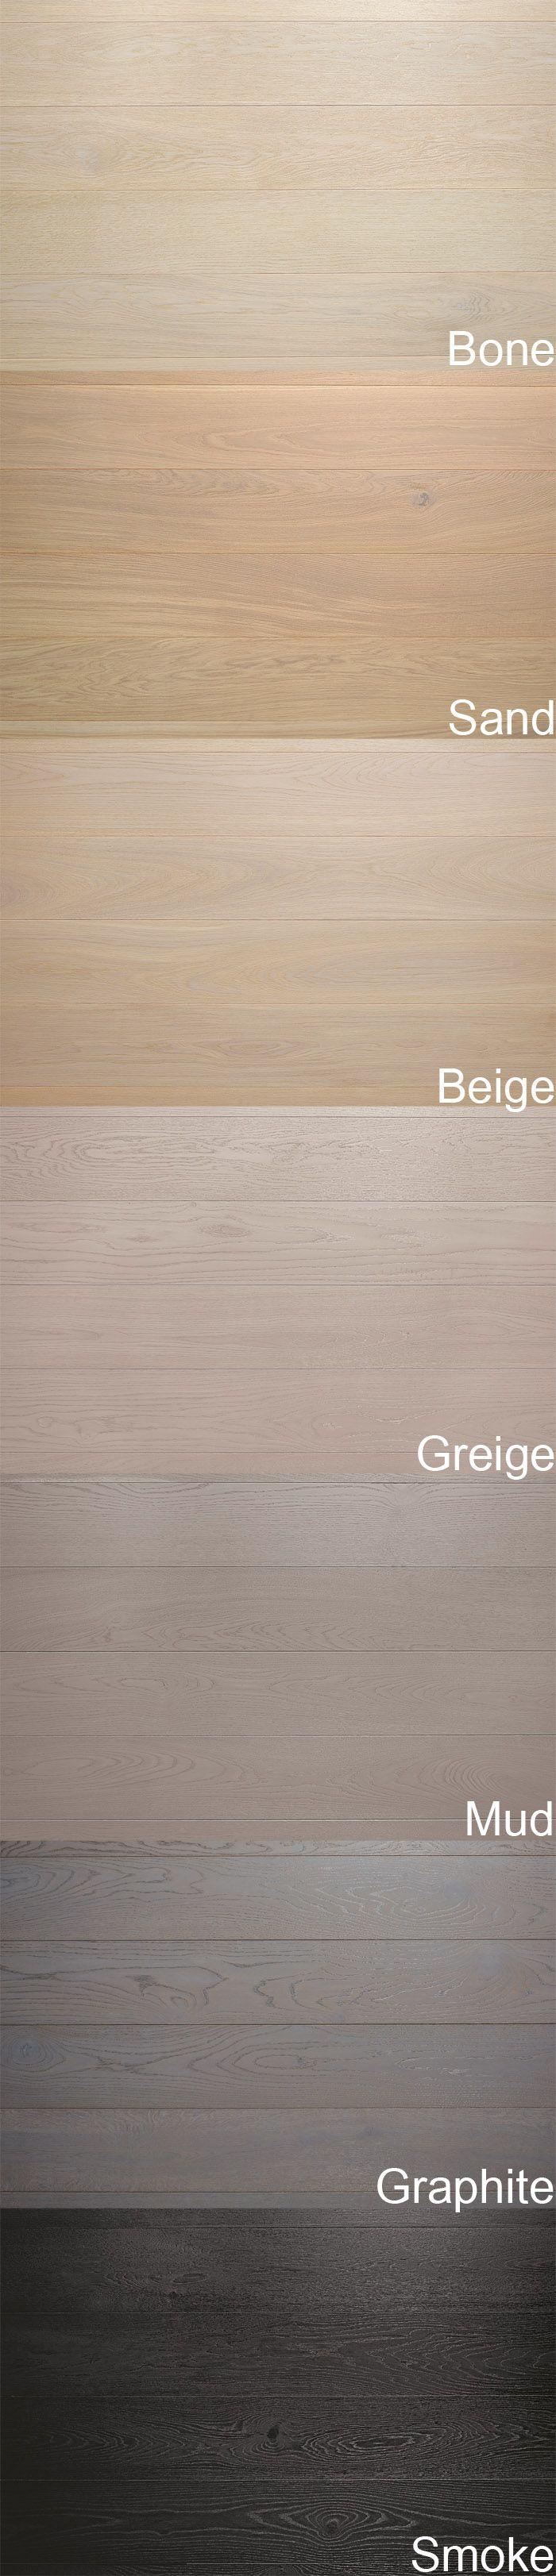 LEGNO BASE www.brixweb.com #brix #tile #tiles www forgiarini.net